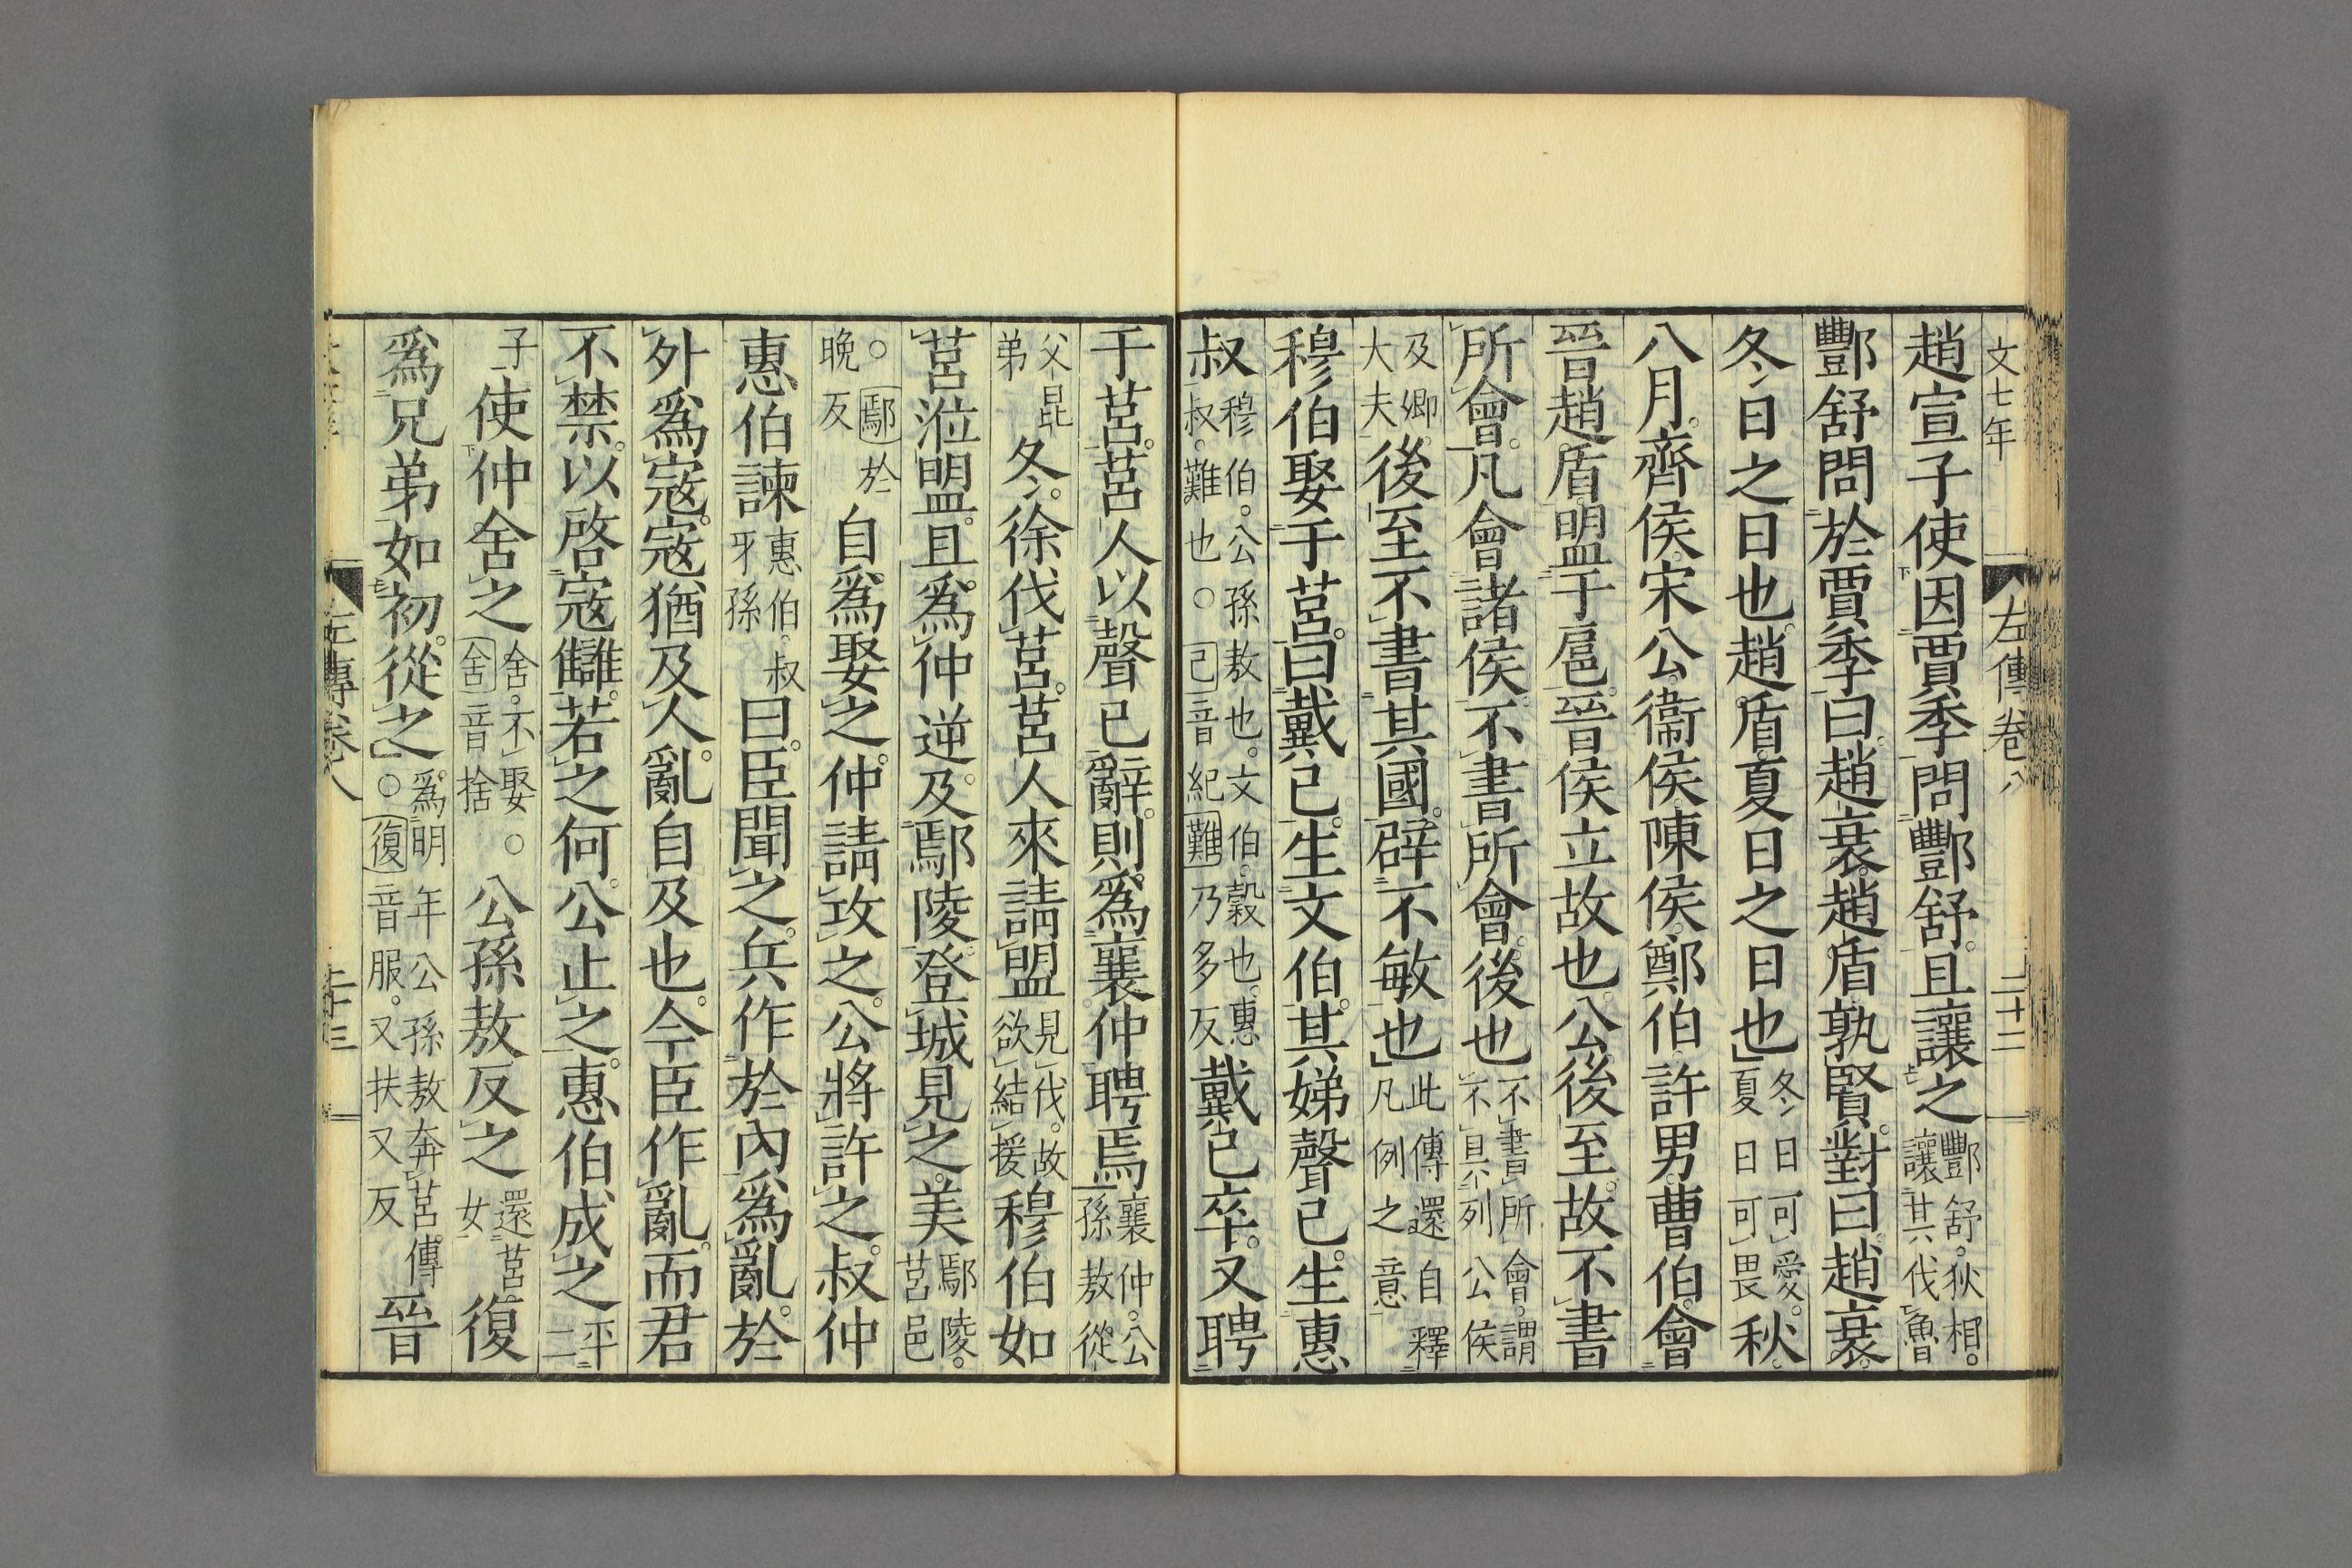 http://archive.wul.waseda.ac.jp/kosho/ro12/ro12_01726/ro12_01726_0004/ro12_01726_0004_p0053.jpg